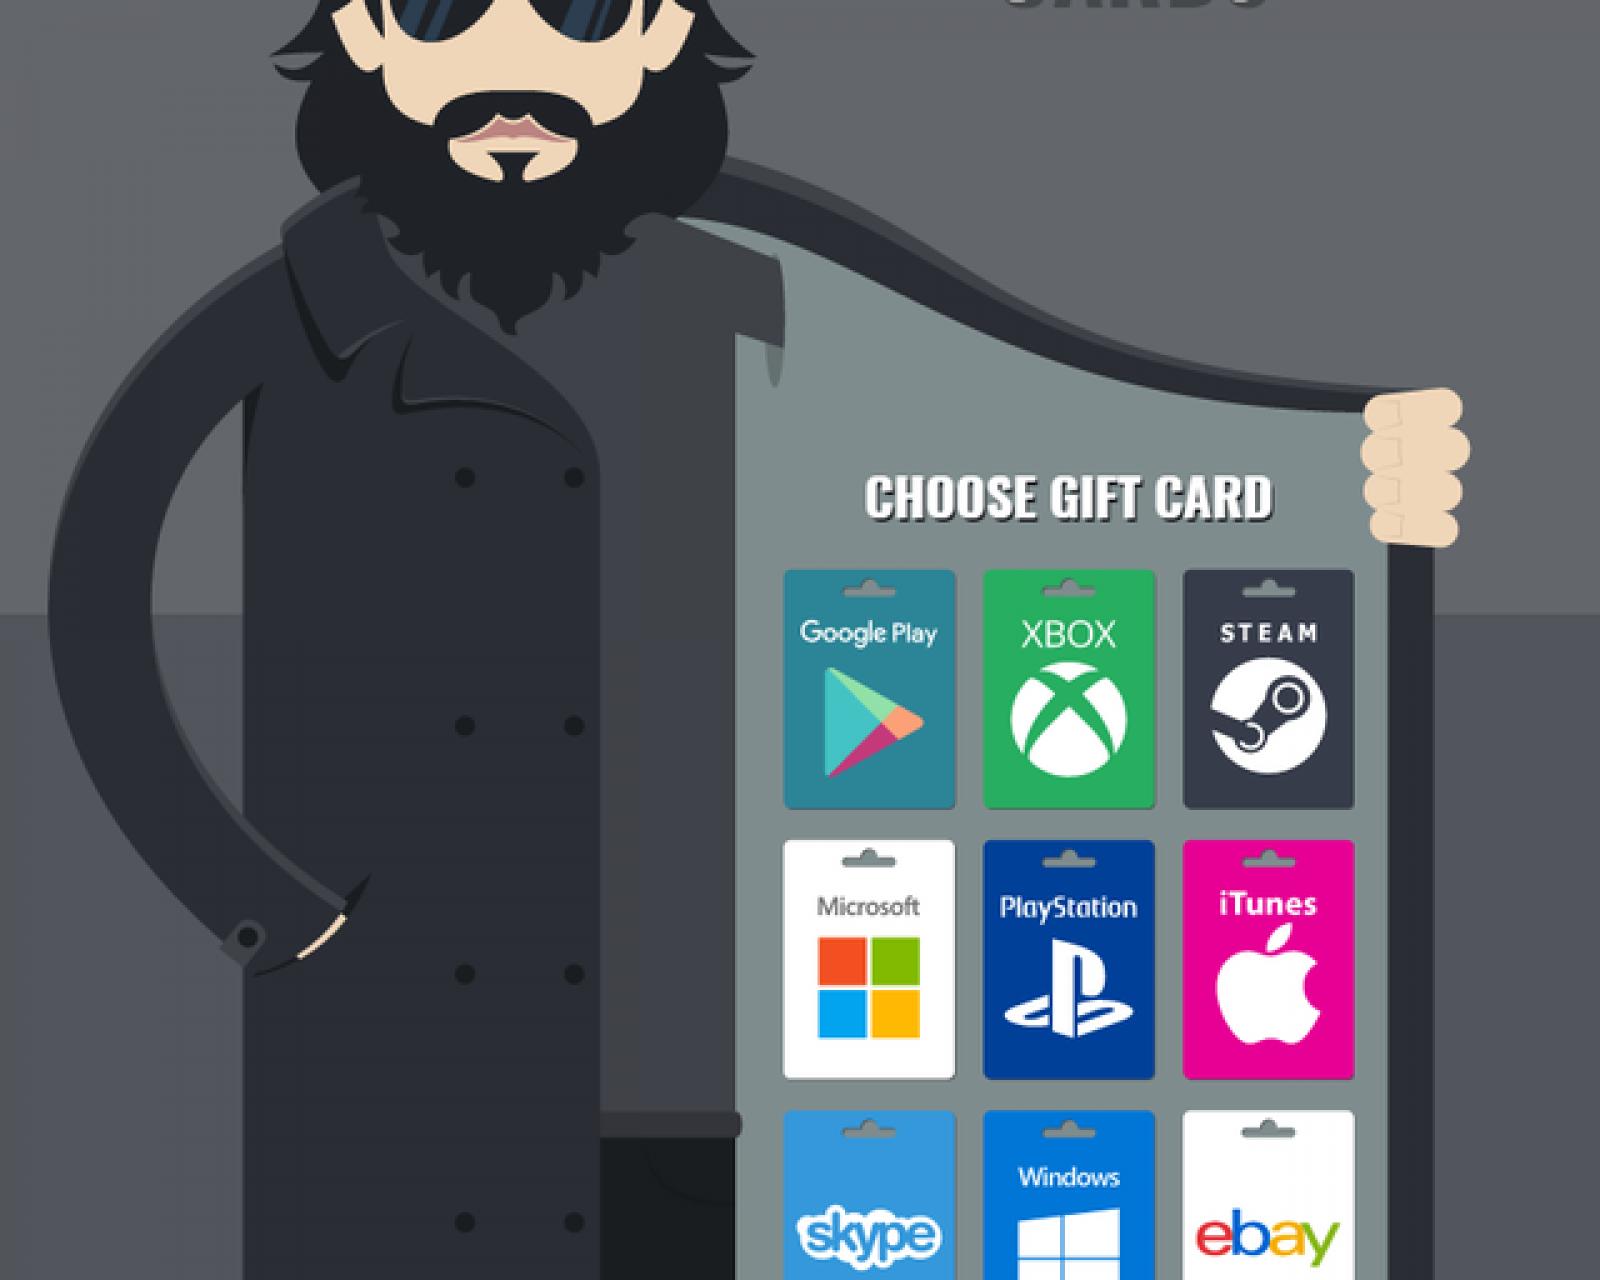 Carduri cadou false, folosite pentru a convinge utilizatorii să furnizeze online datele personale